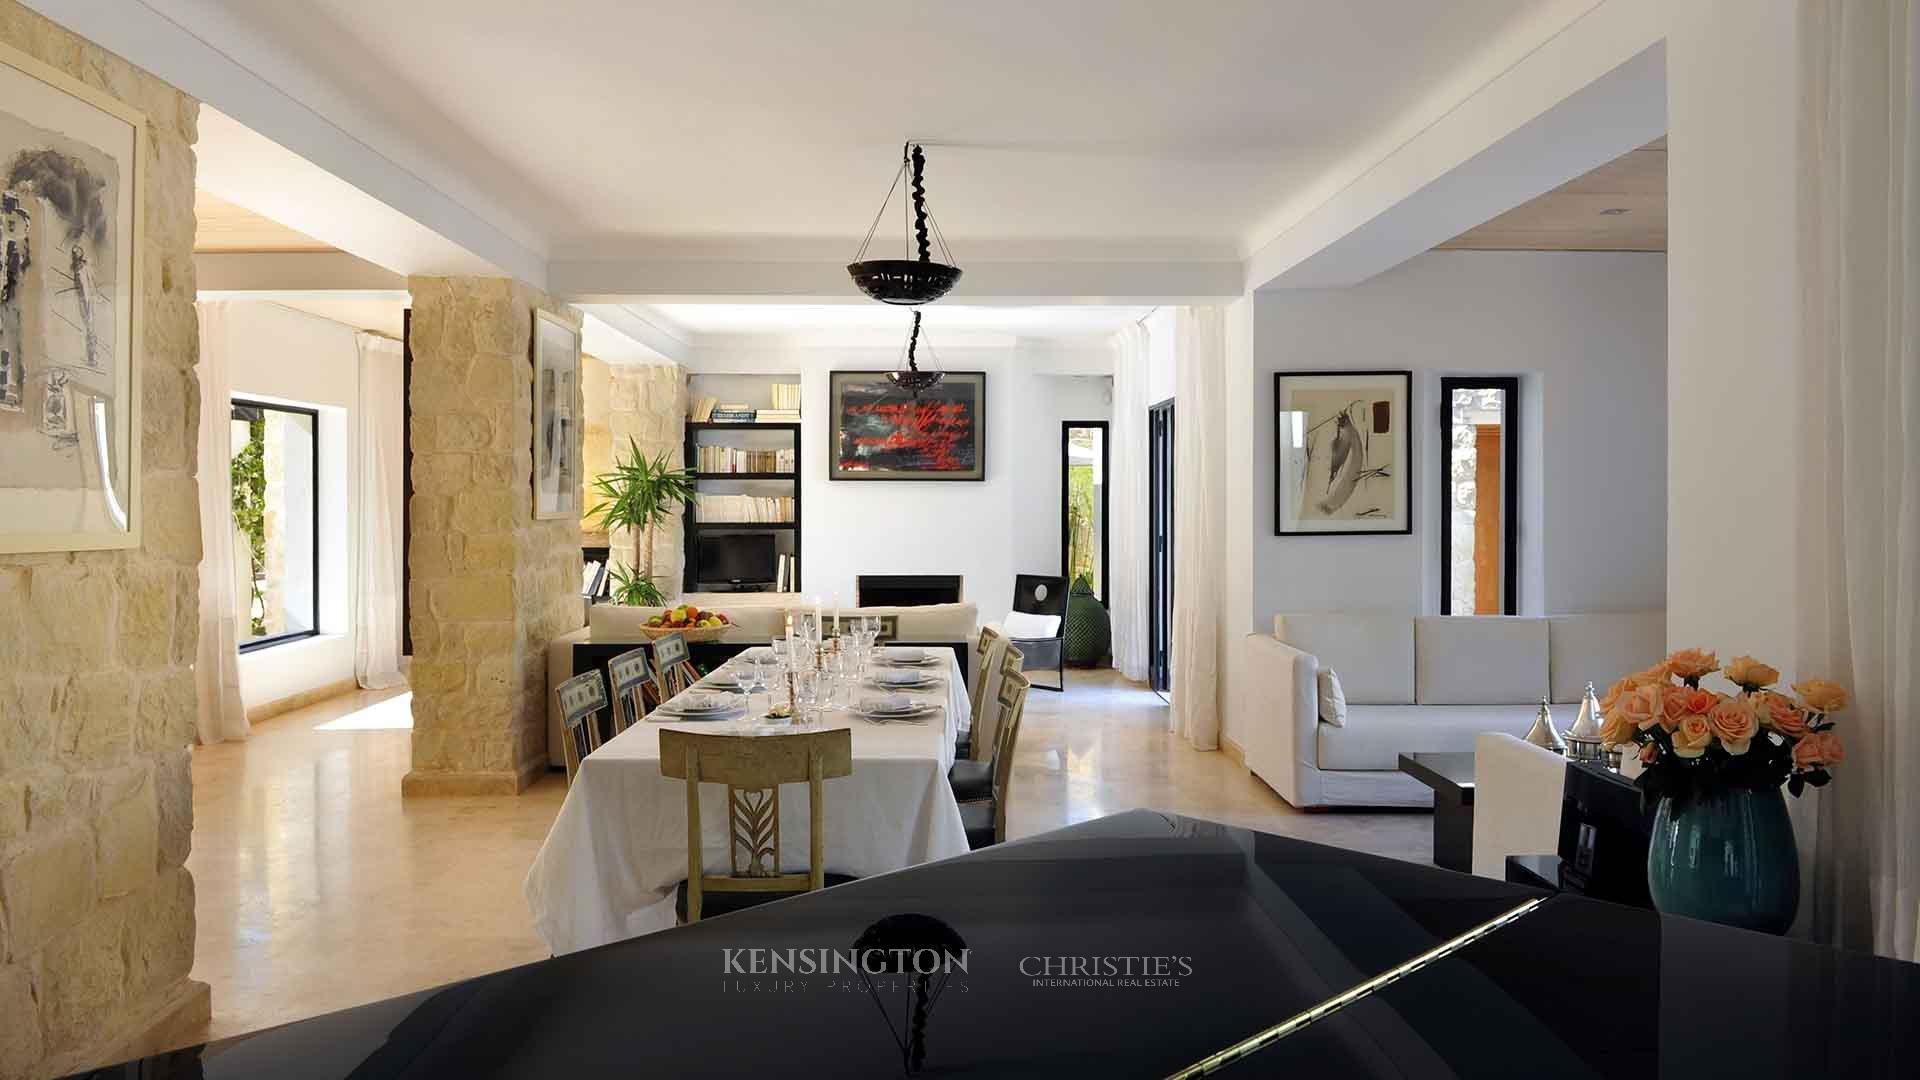 KPPM01093: Villa Douja Luxury Villa Essaouira Morocco